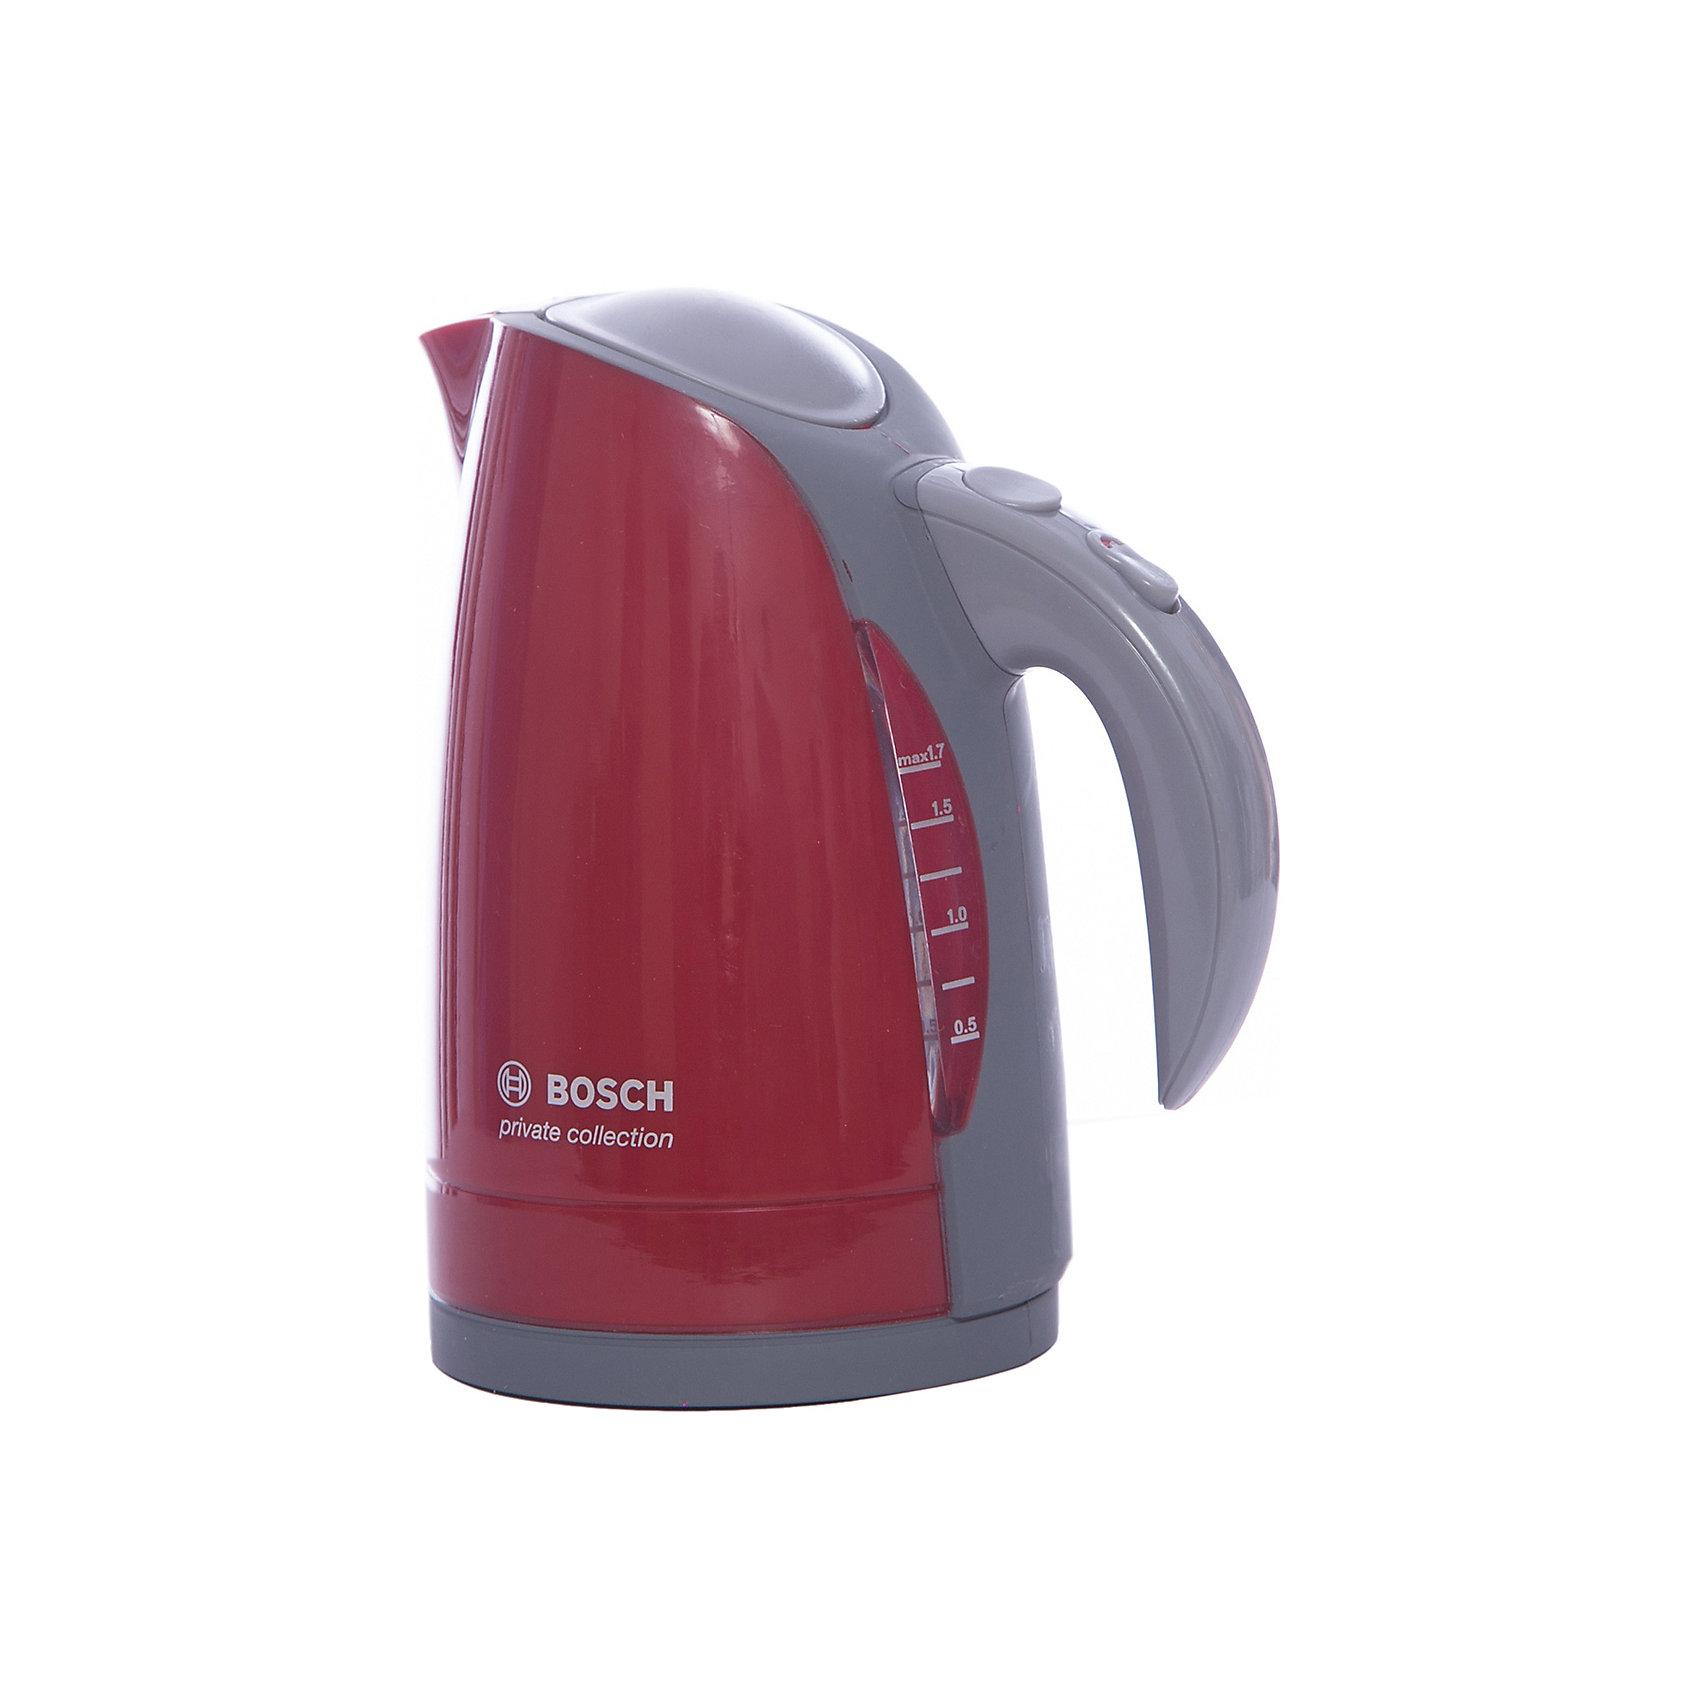 Чайник Bosch, KleinИгрушечная бытовая техника<br>Чайник Bosch, Klein (Кляйн) - уменьшенная копия своего одноименного прототипа. Налейте воду, нажмите на кнопочку и приготовьте вкуснейший чай для своих игрушек. Несмотря на реалистичность, чайник достаточно легкий и безопасный для ребенка. Прекрасный выбор для юных хозяек!<br><br>Дополнительная информация:<br>Материал: пластик<br>Размер упаковки: 15х8,5х14 см<br>Размер чайника: 14х11,5х8 см<br>Вес: 200 грамм<br><br>Чайник Bosch, Klein можно приобрести в нашем интернет-магазине.<br><br>Ширина мм: 159<br>Глубина мм: 144<br>Высота мм: 104<br>Вес г: 210<br>Возраст от месяцев: 36<br>Возраст до месяцев: 72<br>Пол: Женский<br>Возраст: Детский<br>SKU: 1612487